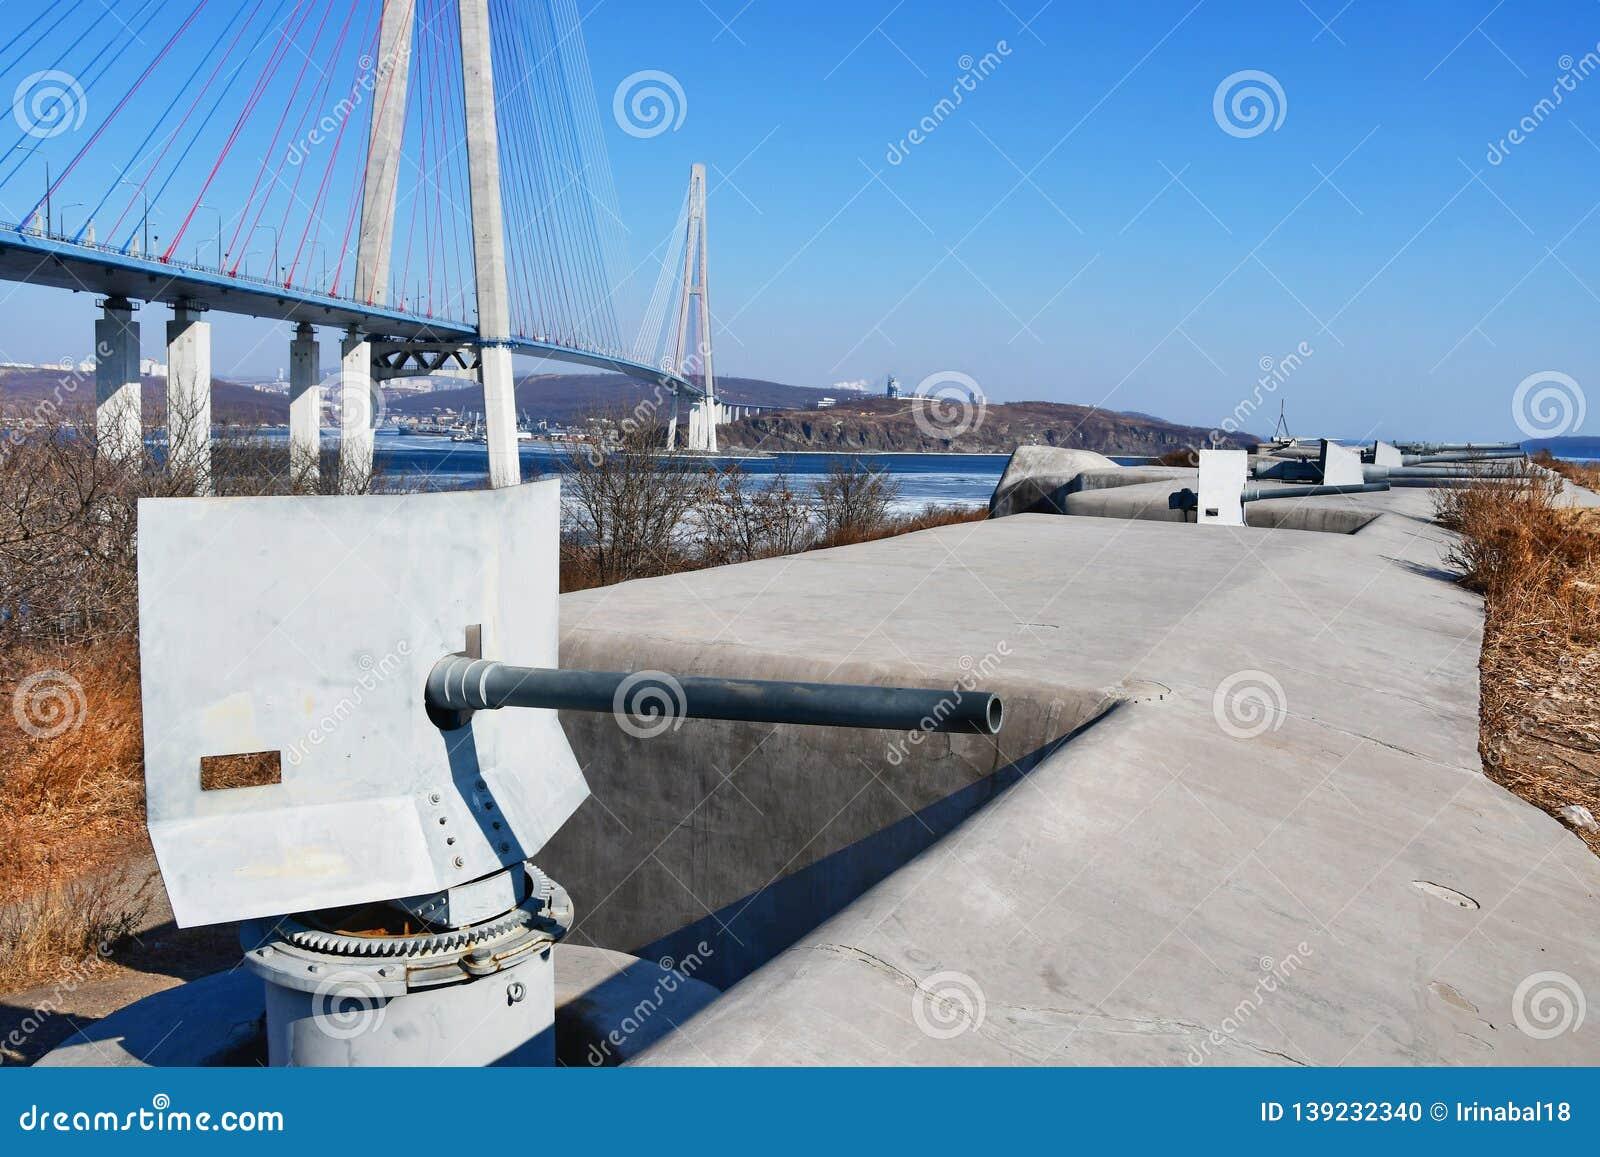 Kanonnen van de kustbatterij van Novosiltsevskaya van de Vladivostok-vesting van begin van eeuw 20 op Russkiy-eiland in Vladiv